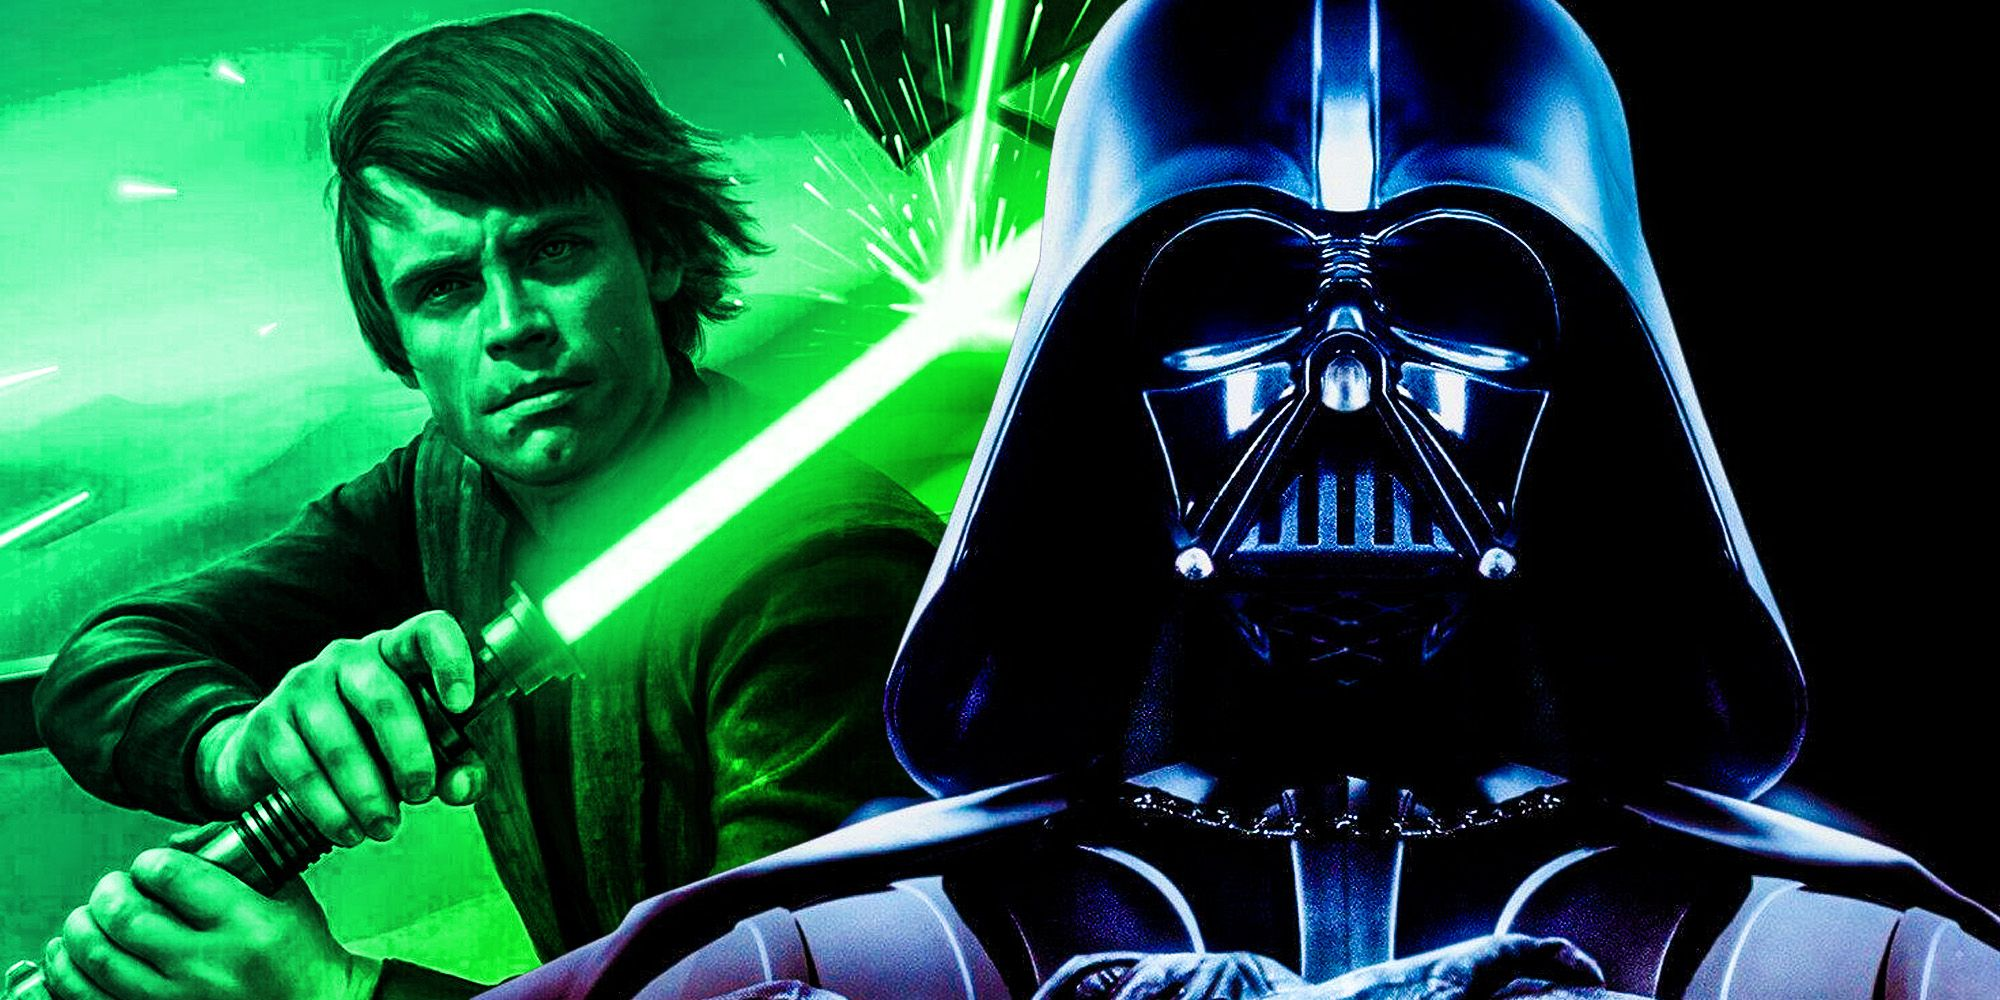 Darth Vader Didn't Understand Luke Skywalker Until Their Final Battle